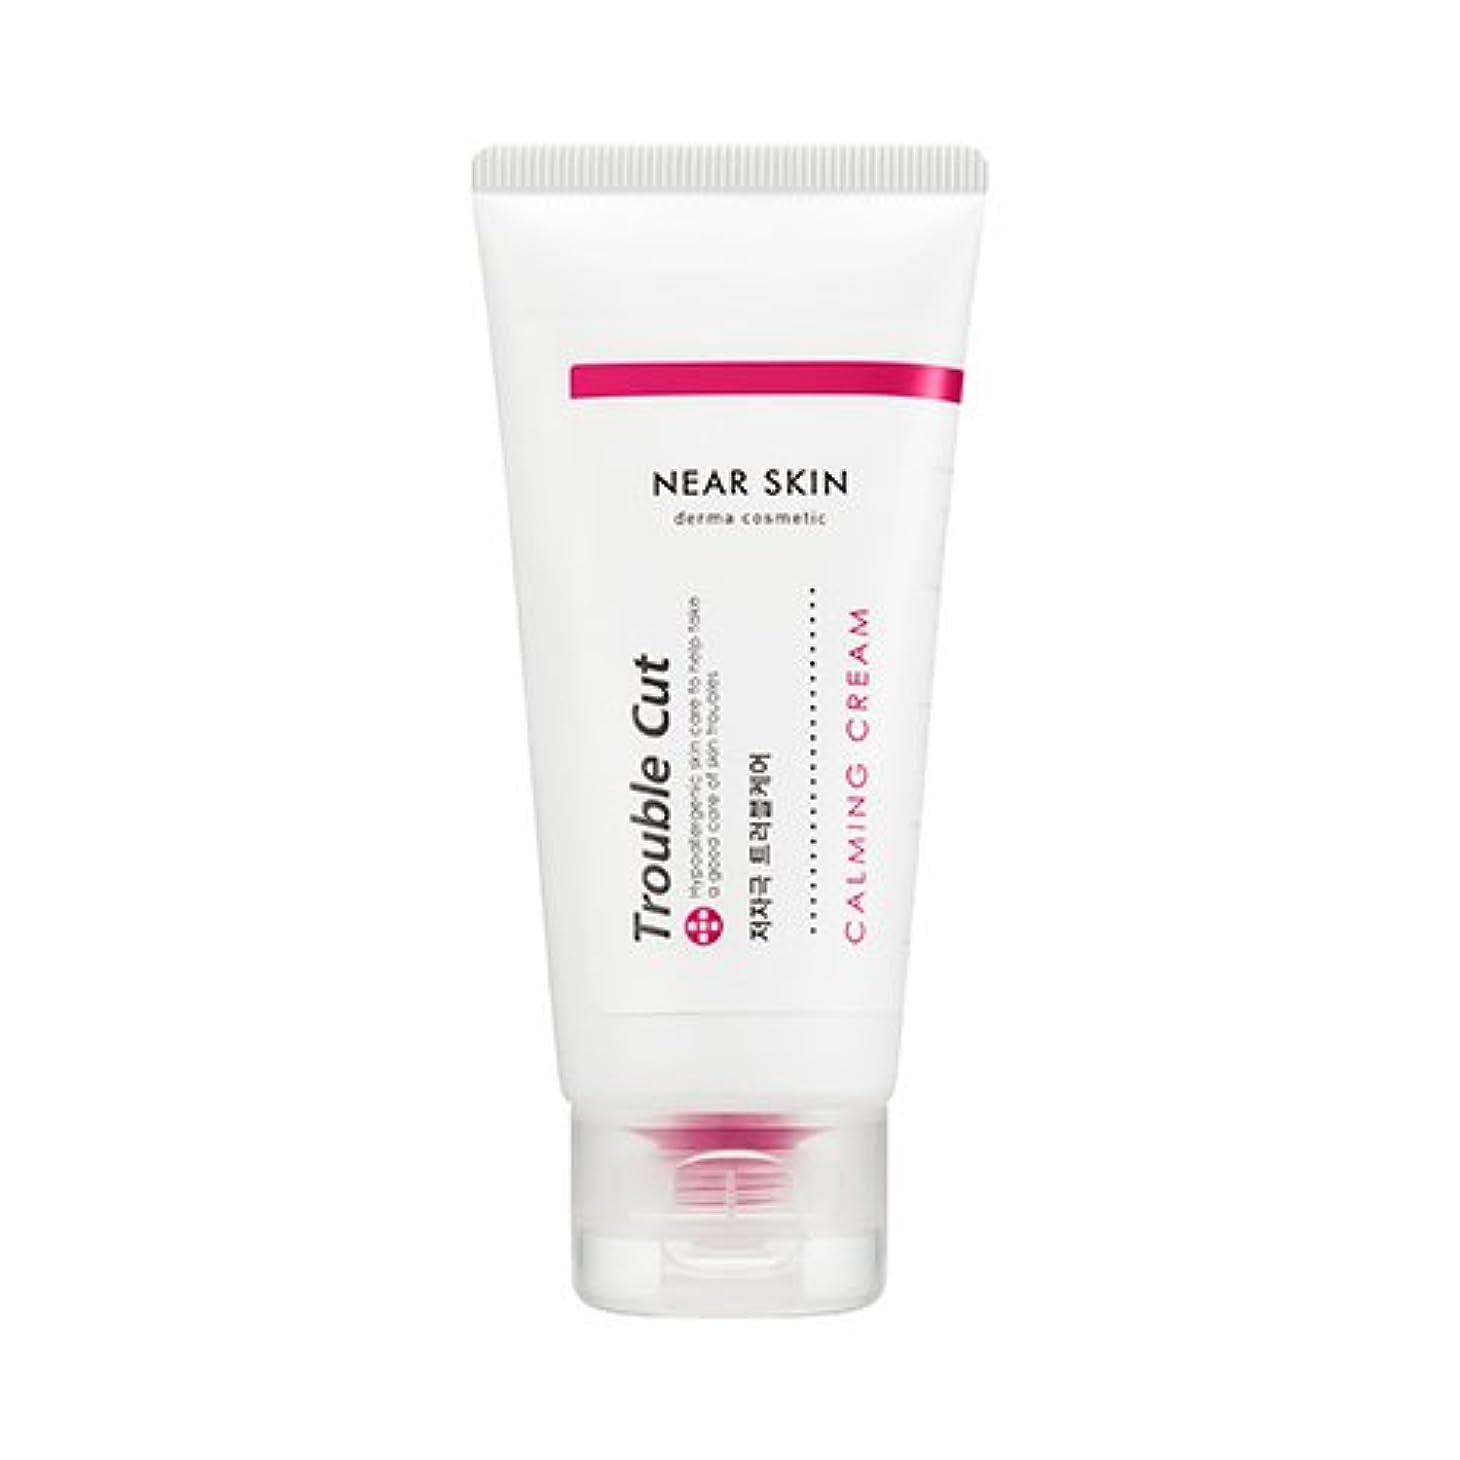 市民千前者MISSHA [Near Skin] Trouble Cut Calming Cream 20ml / ミシャ ニアスキン トラブルカットカミングクリーム [並行輸入品]